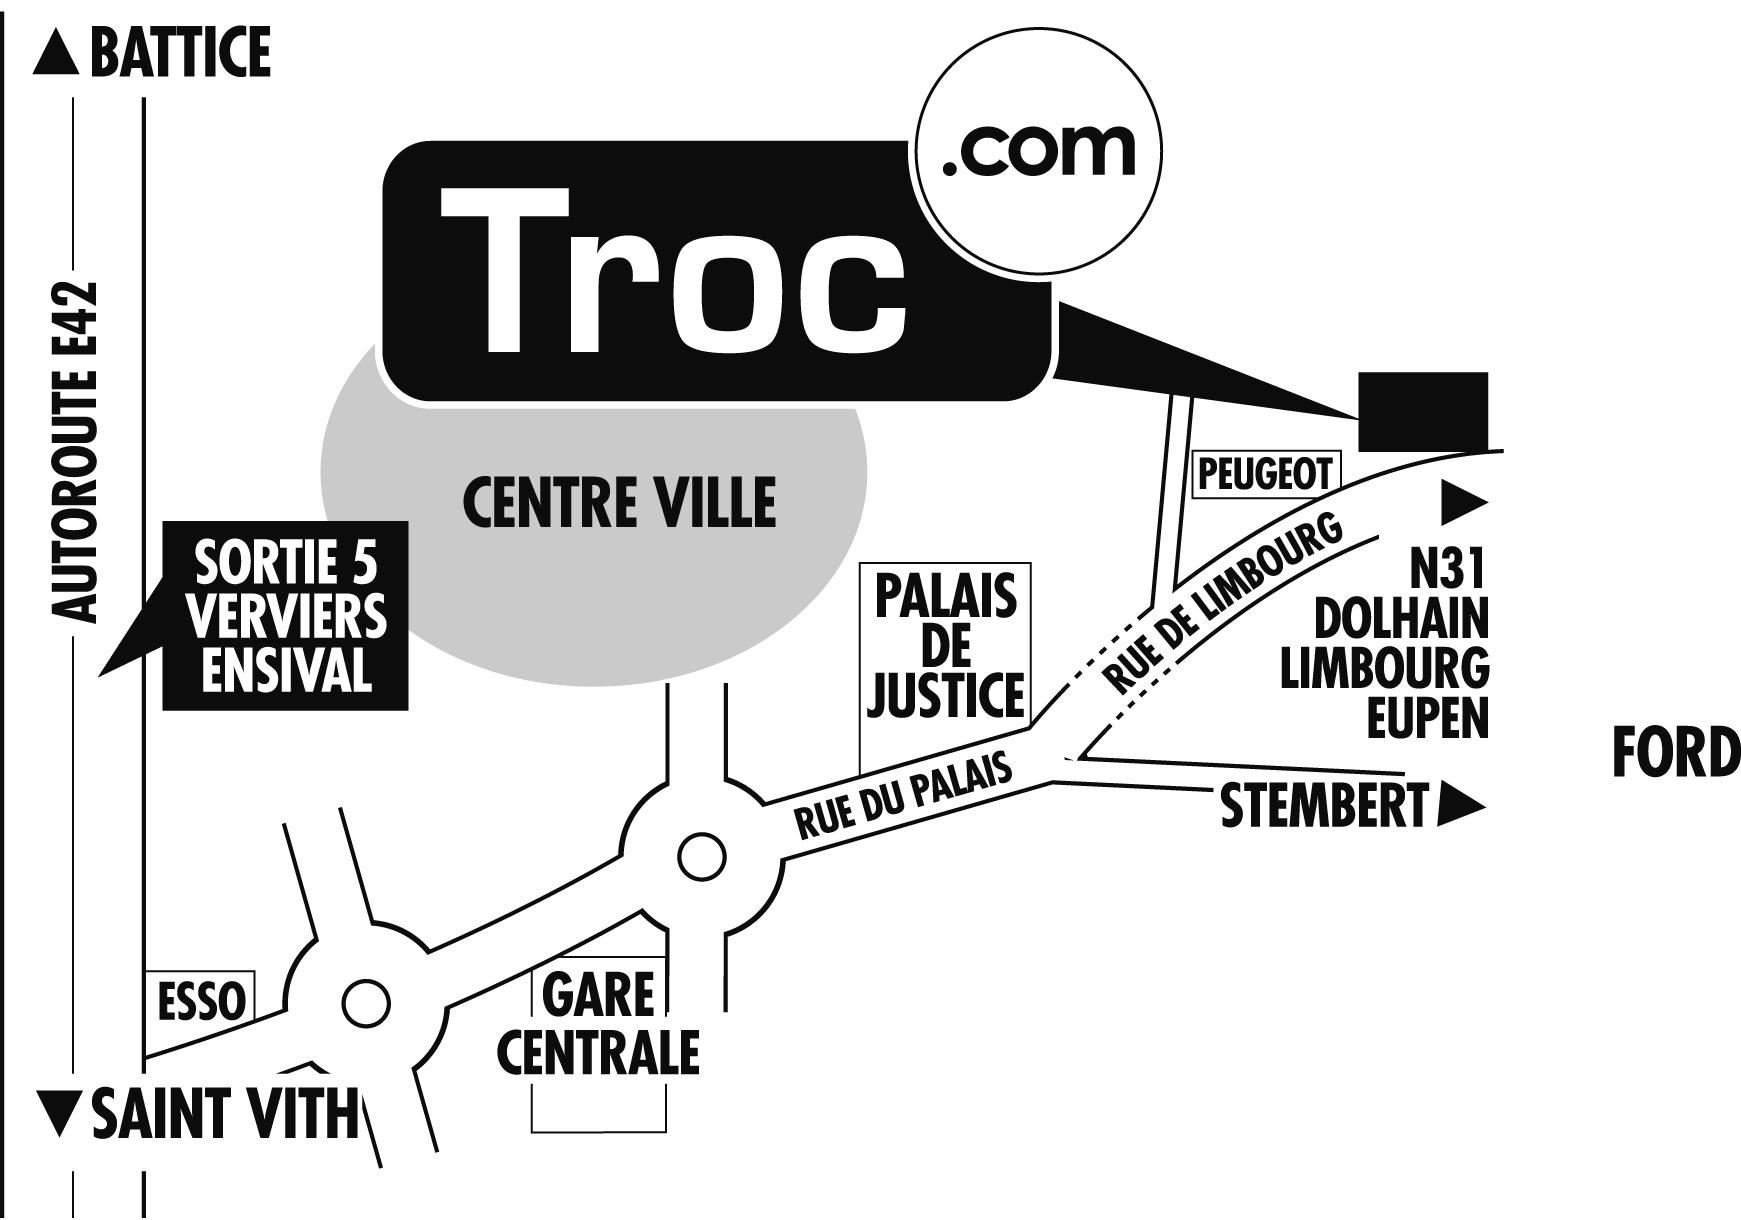 D p t vente verviers magasin troc - Depot vente poitiers ...